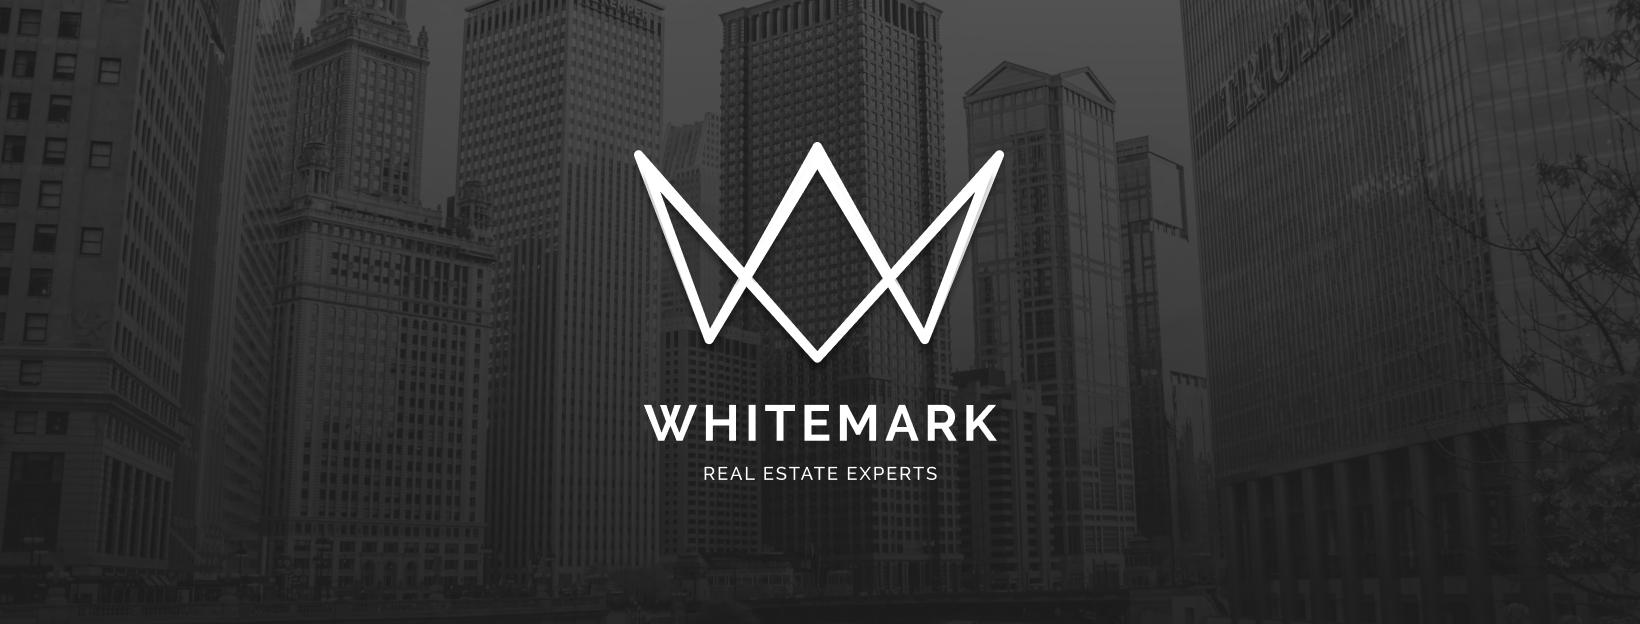 Whitemark